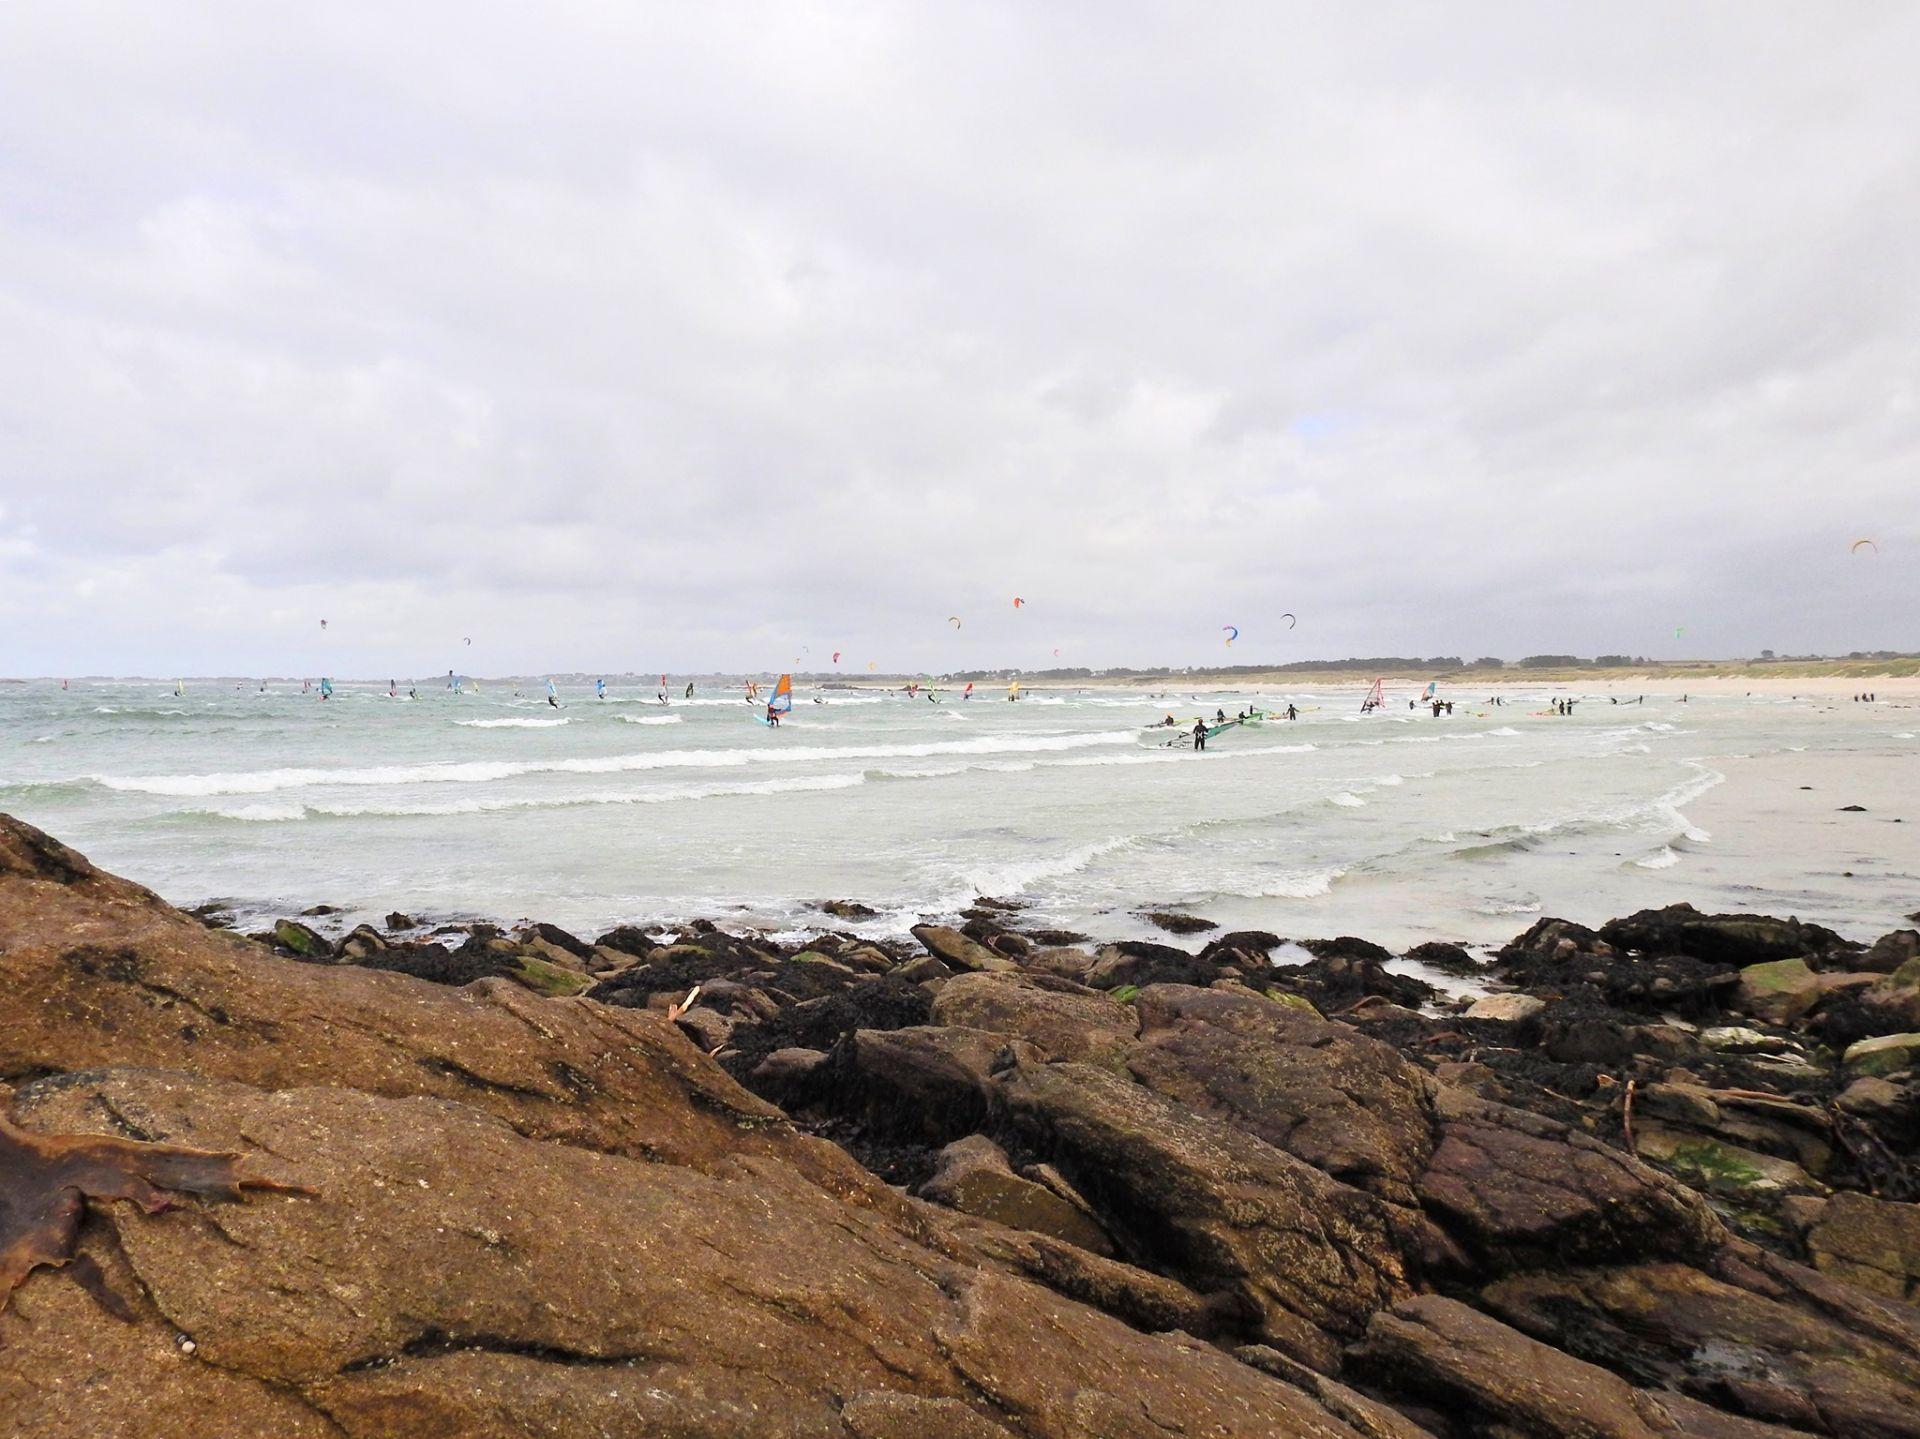 planche à voile, océan, bretagne, bord de mer